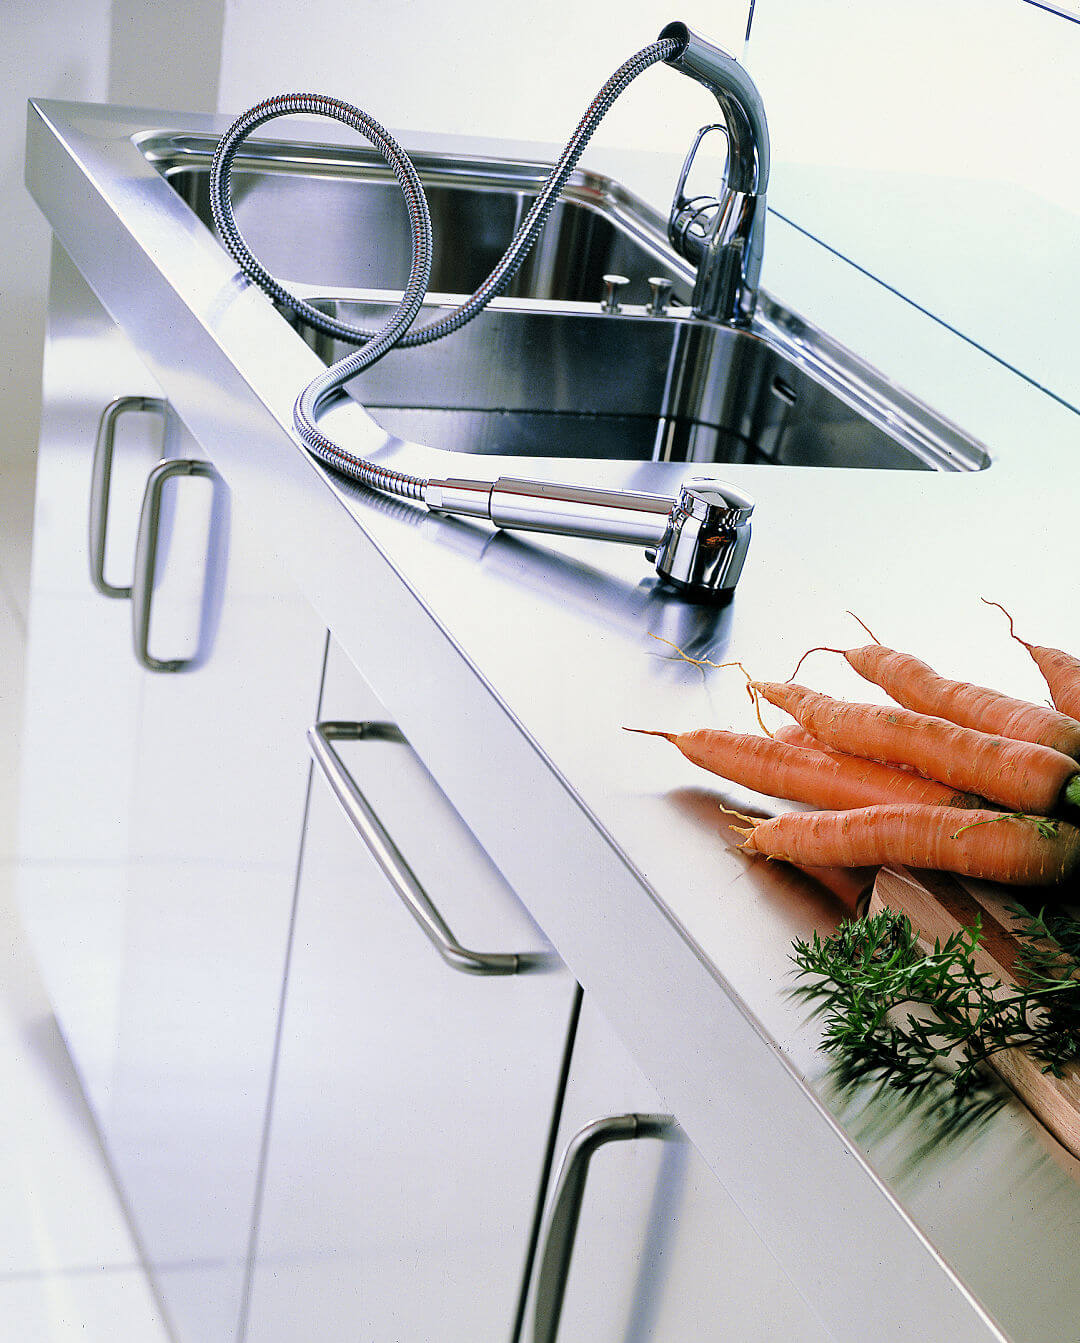 Arca Cucine Italia - Cucina Domestica in Acciaio Inox - Spring - Lavello